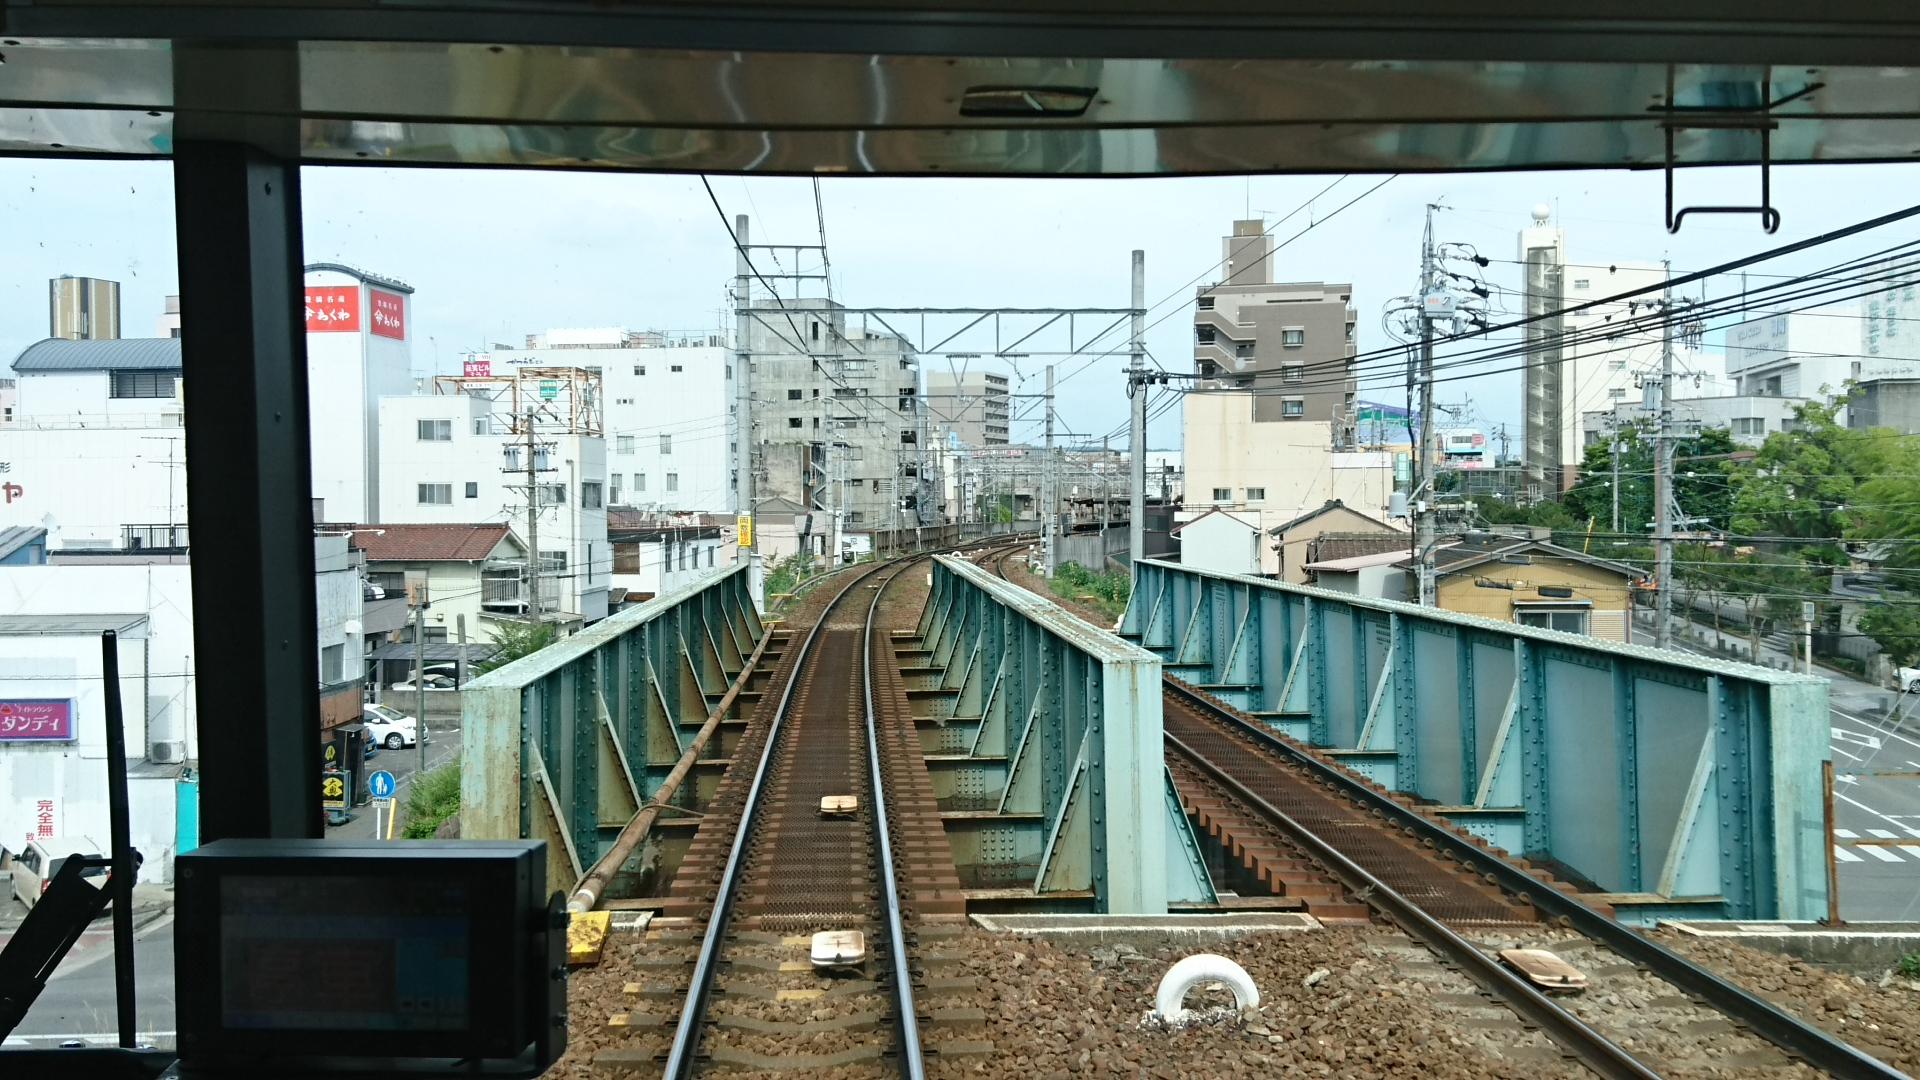 2017.6.24 東岡崎 (17) 豊橋いき急行 - 電車どおり 1920-1080